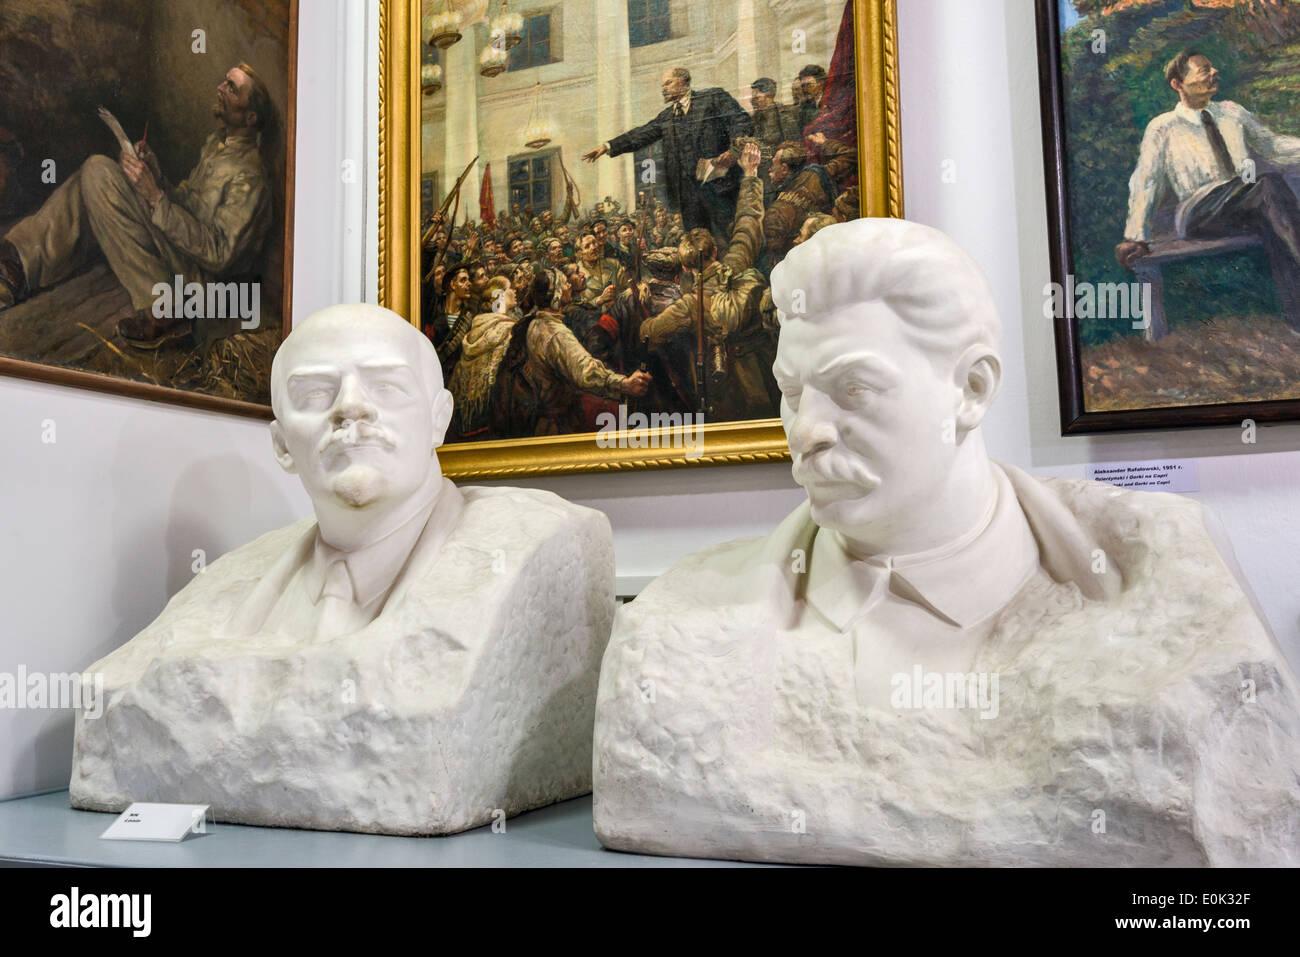 Büsten von Lenin und Stalin, sozialistischen Realismus Kunstgalerie, Zamoyski Palast in Kozlowka in der Nähe von Lublin, Kleinpolen, Polen Stockbild